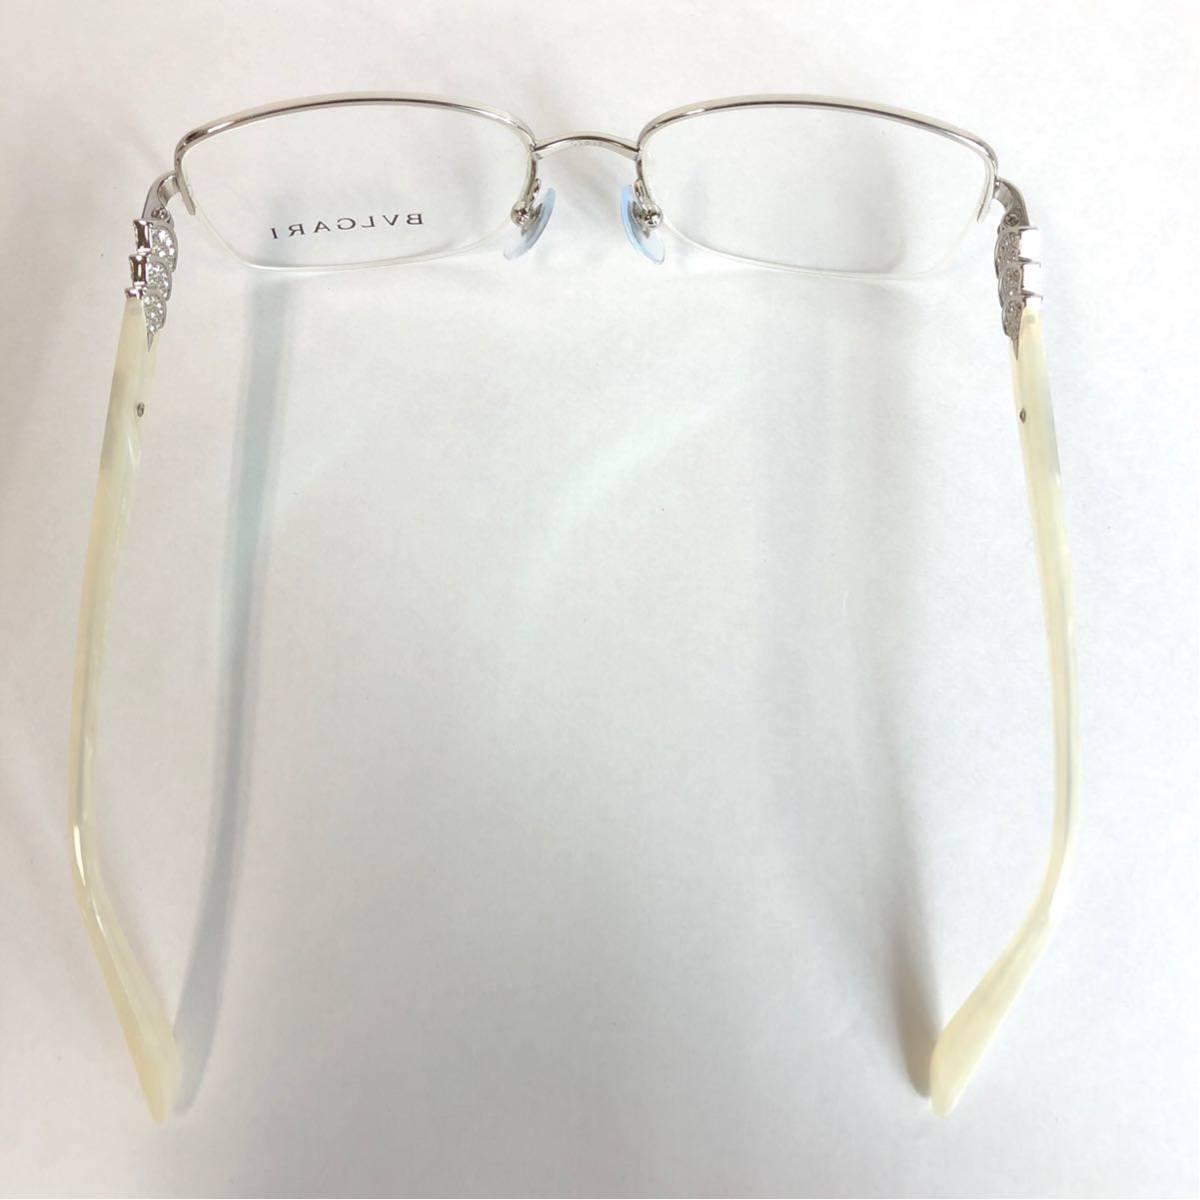 未使用 新品 BVLGARI 正規品 1円スタート ハーフリム 眼鏡フレーム 2162-B ホワイトマーブル めがね ブルガリ イタリア製 N38_画像5